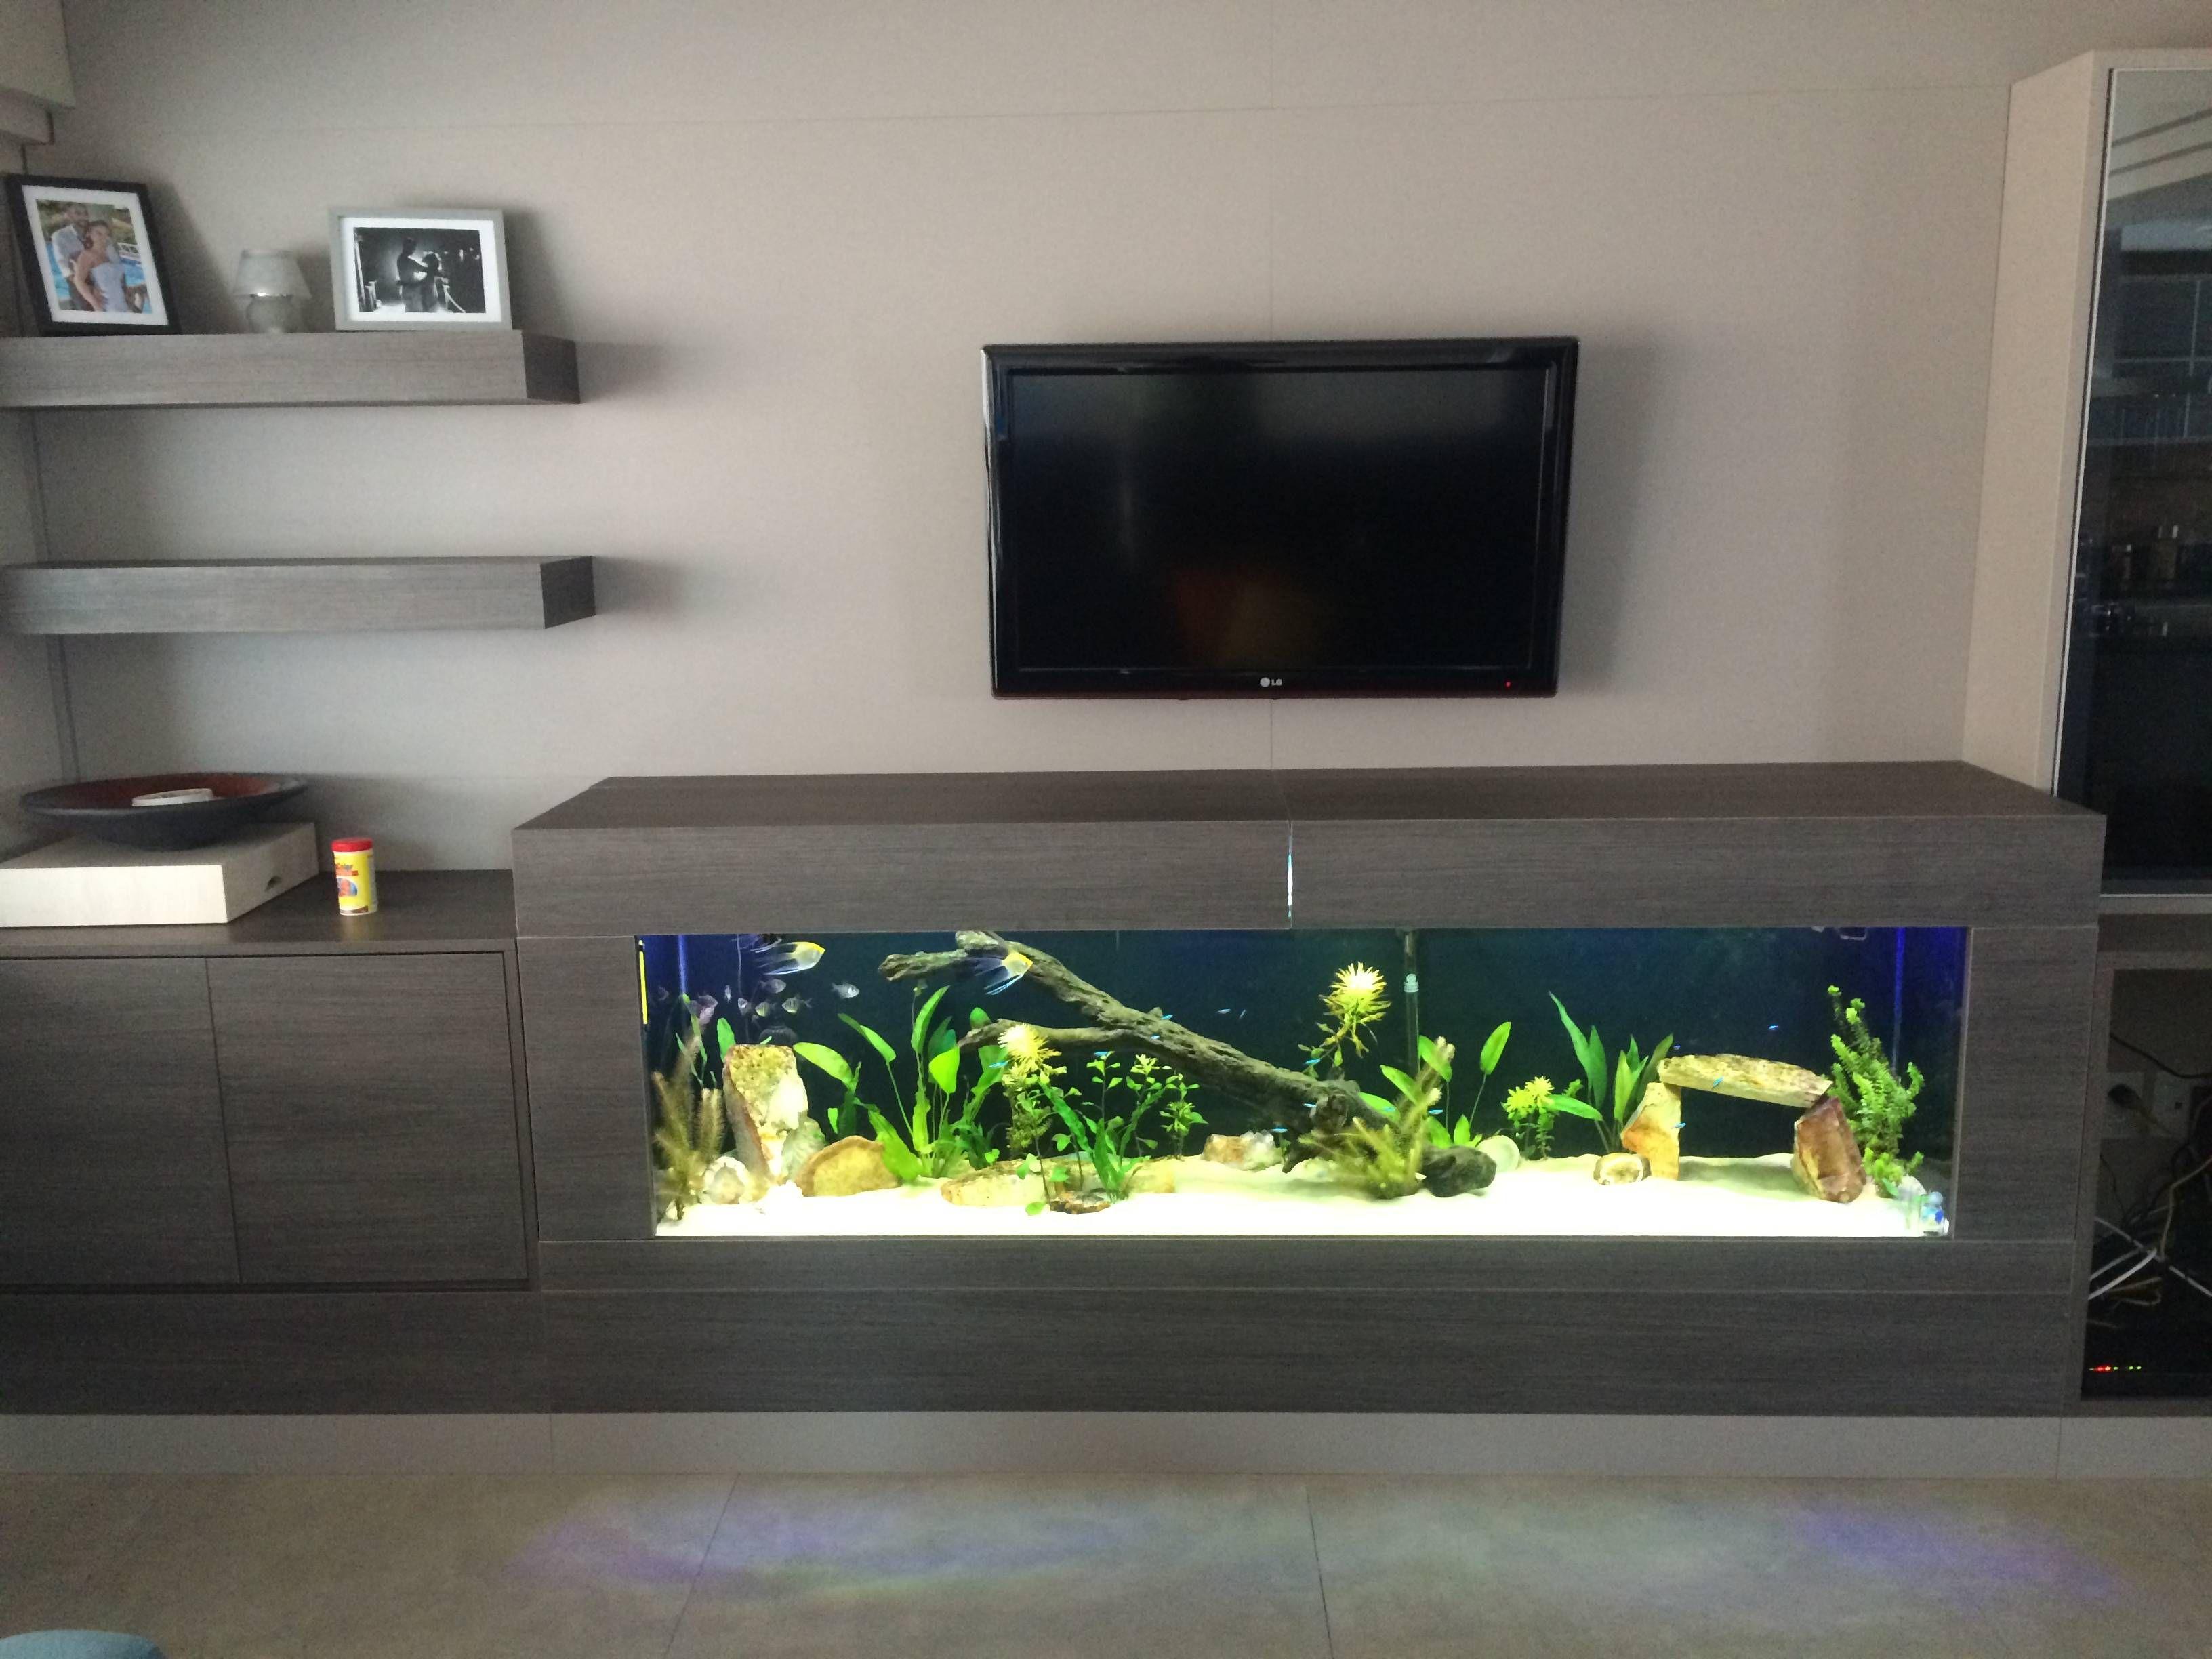 clique aqui para ampliar a imagem aqu rio pinterest aqu rios aquarismo e aqu rios de peixes. Black Bedroom Furniture Sets. Home Design Ideas